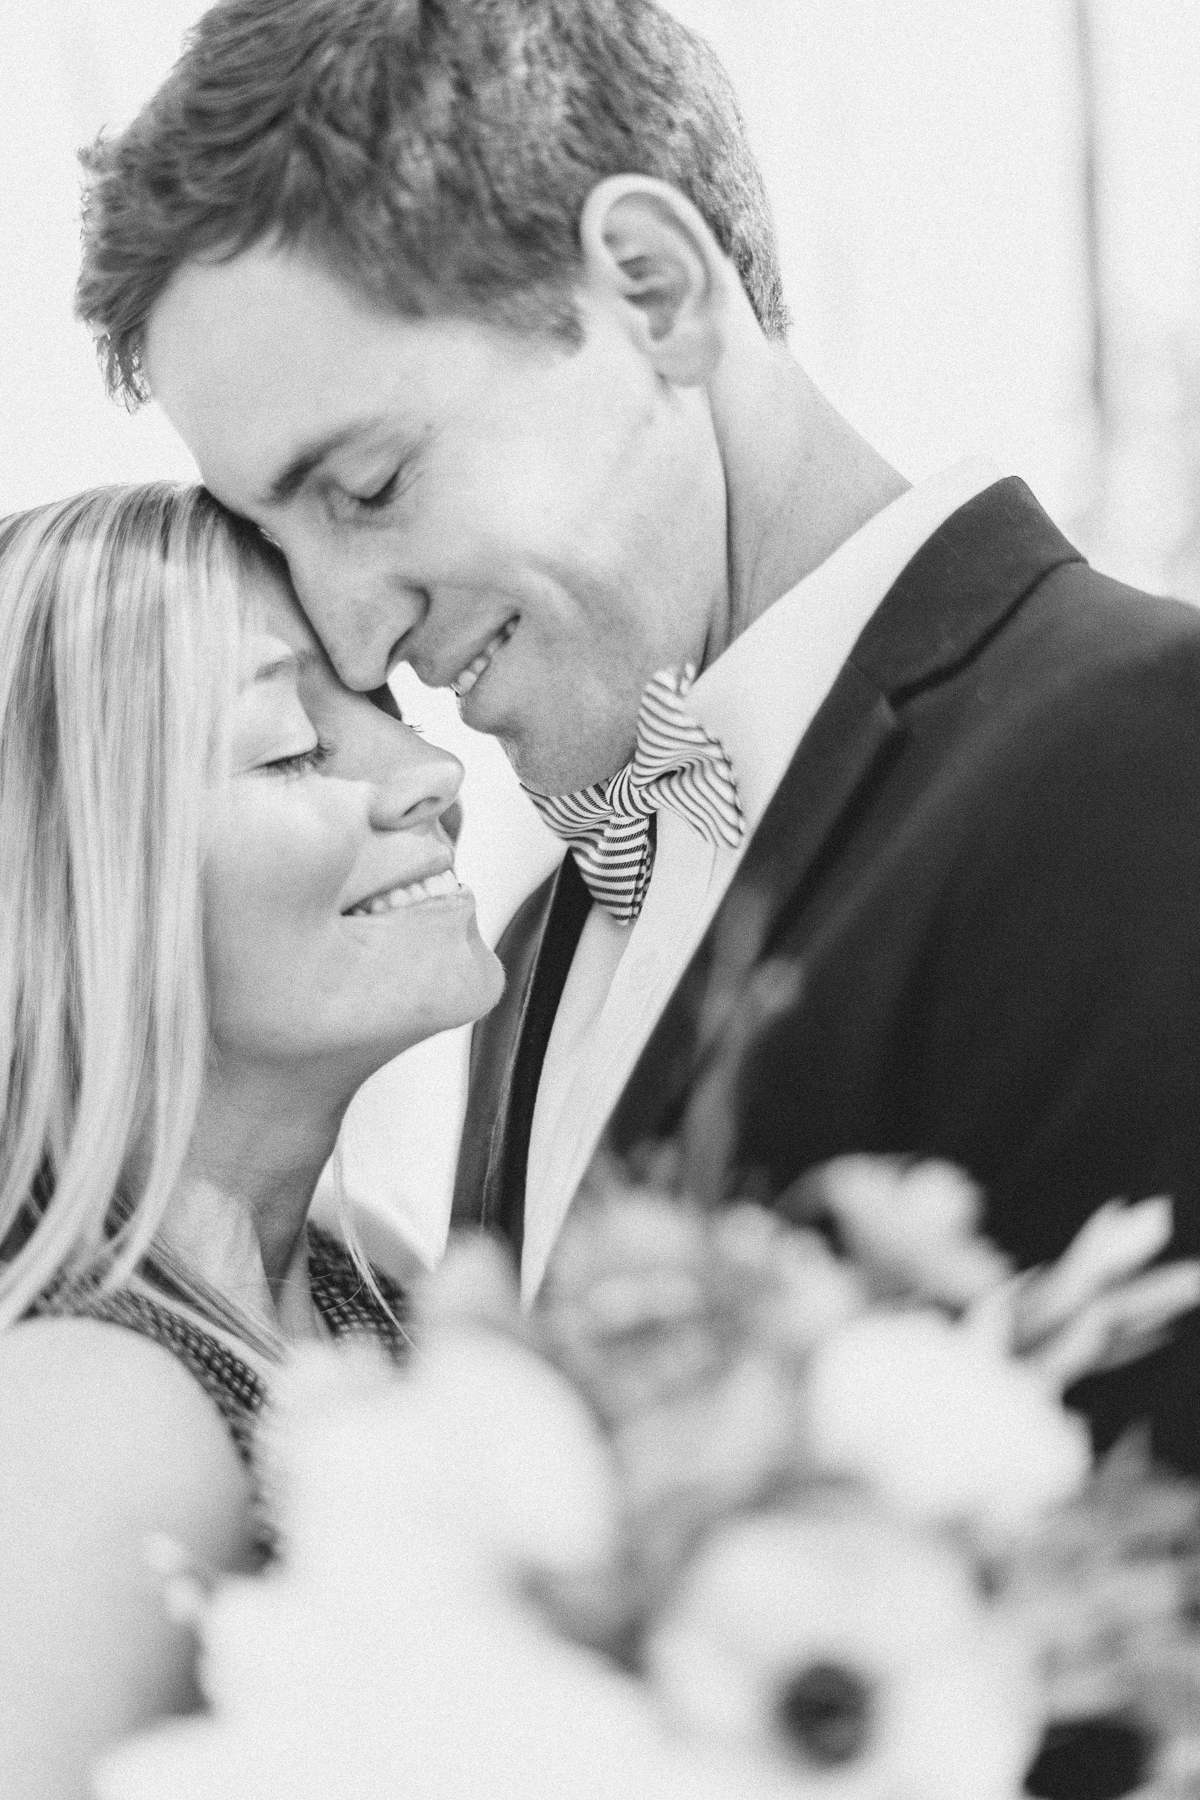 las_vegas-coupleshoot-brautpaar-paarshooting-blumen-hochzeit-wedding-marriage-hochzeitsfotograf-muenchen-luxembourg-trier-bw.jpg